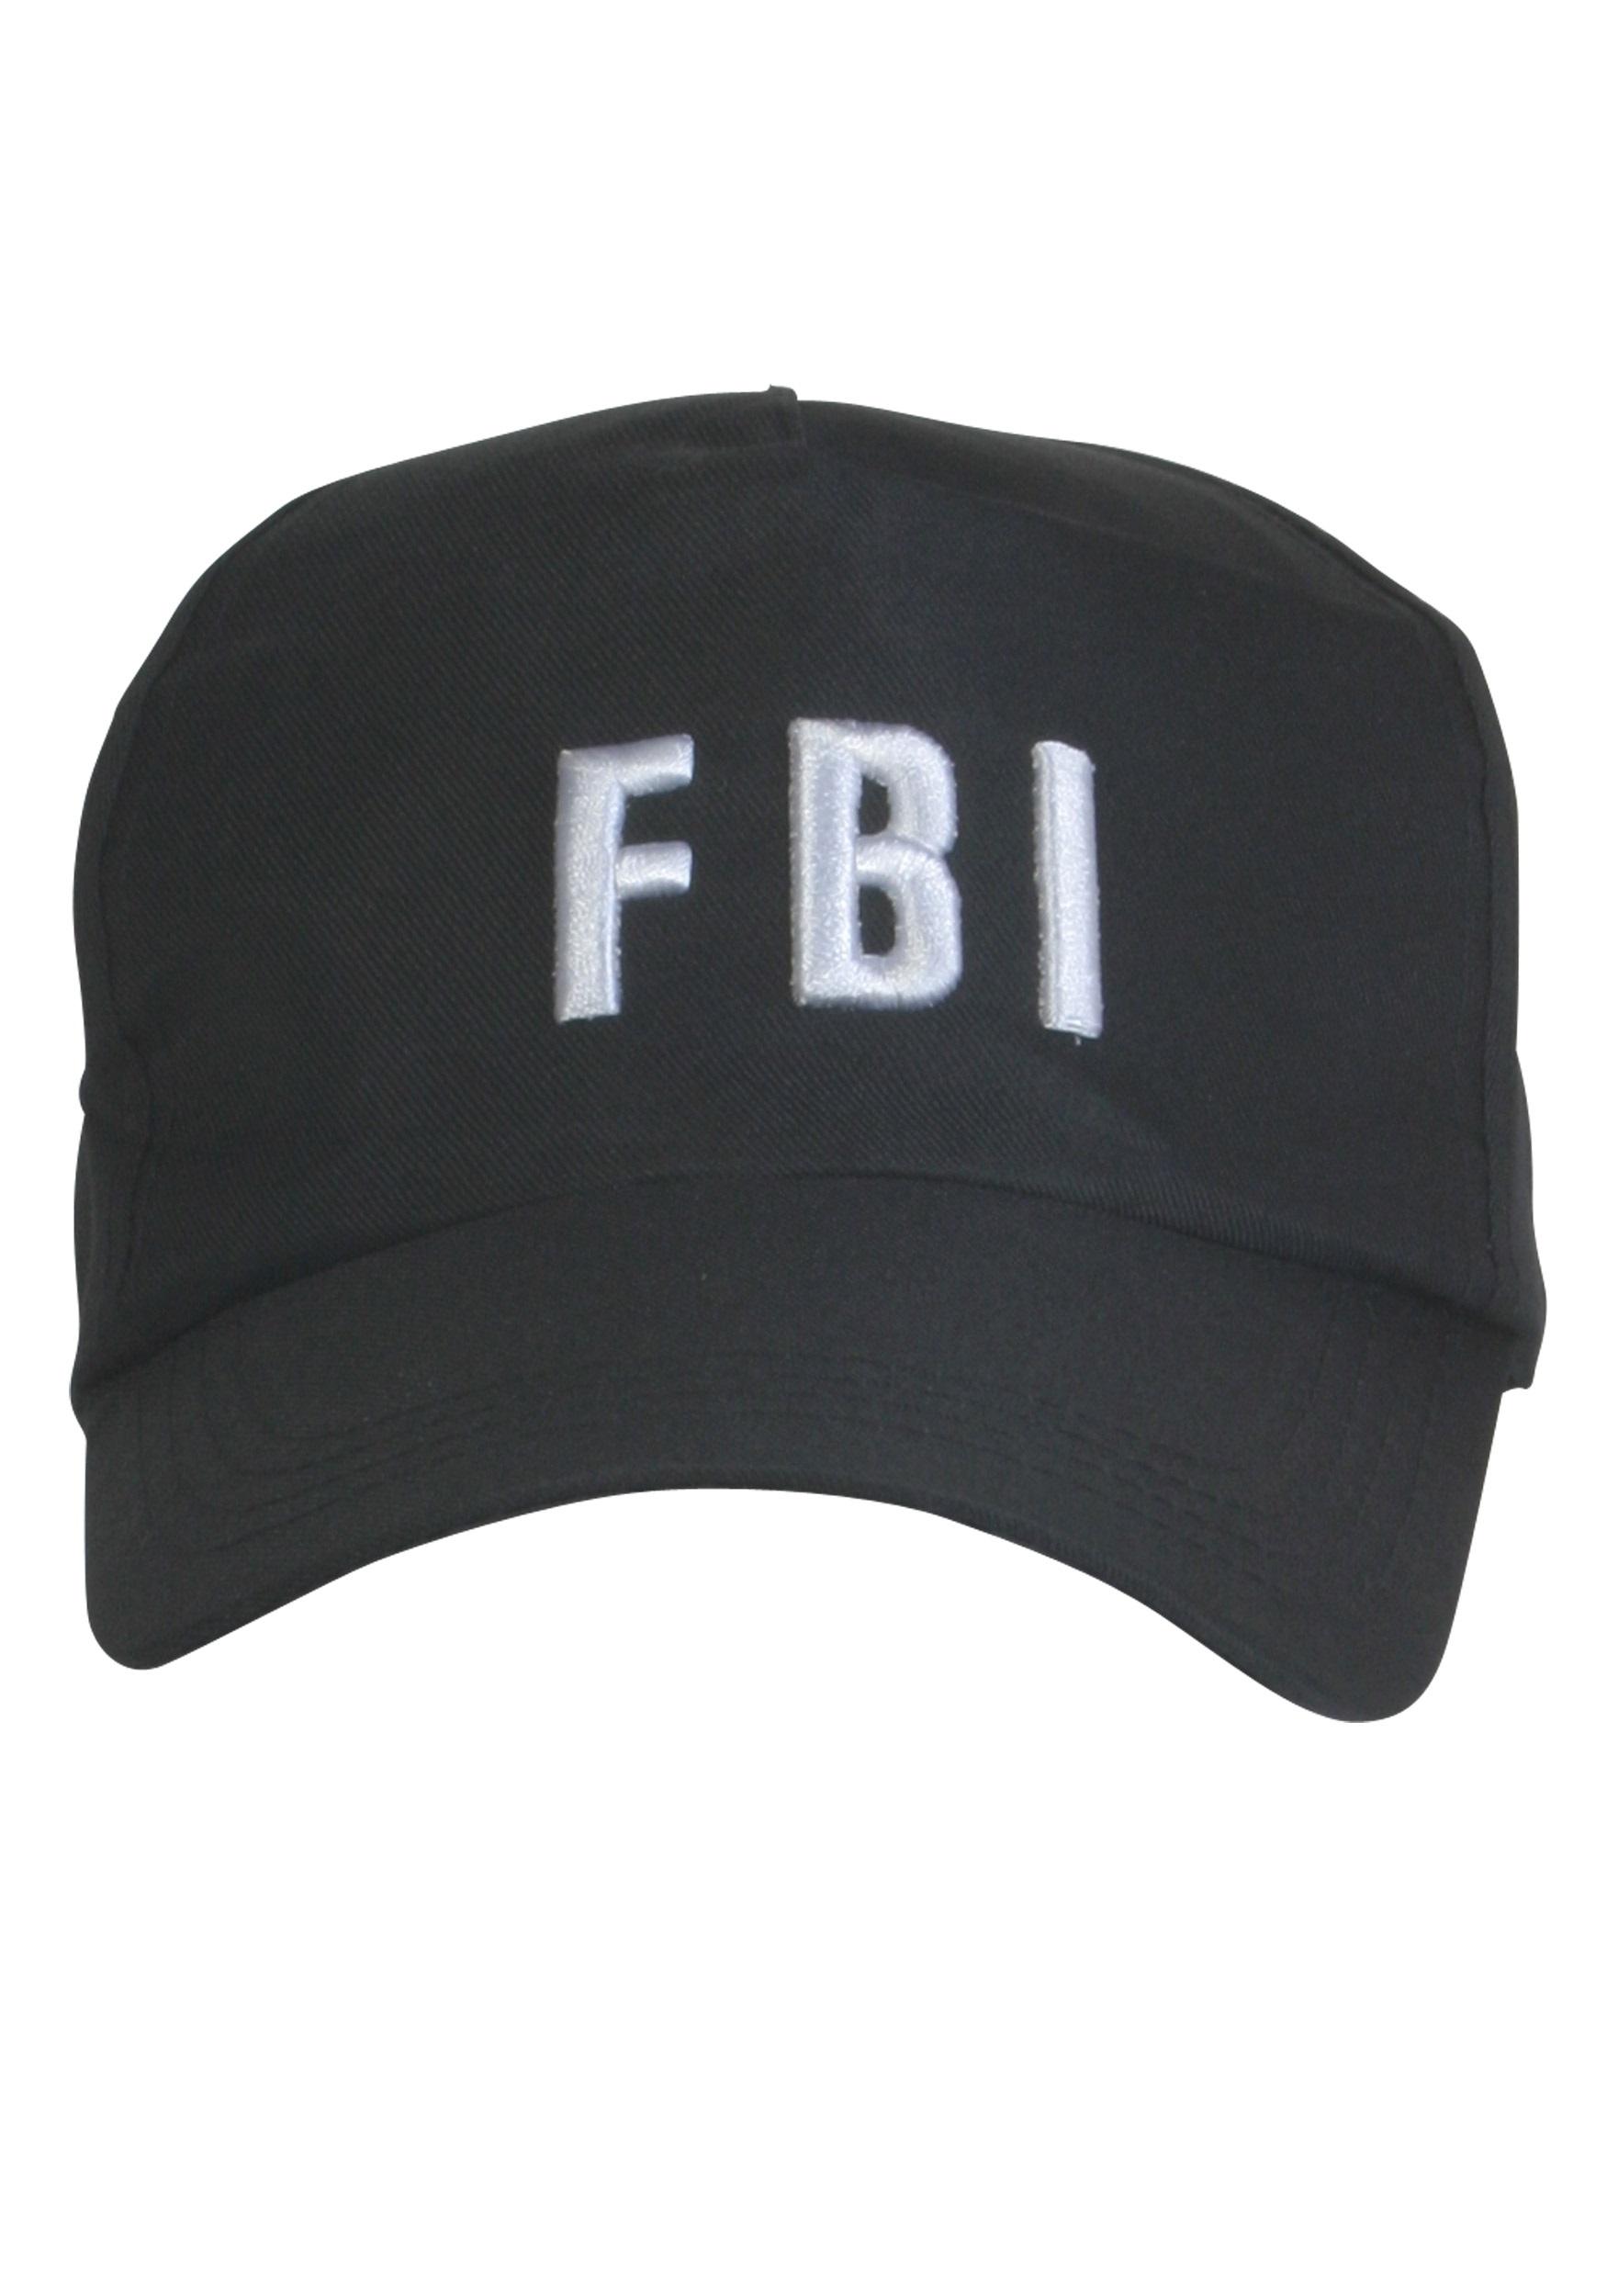 FBI Hat - Halloween Costumes 92e9fc4bacc